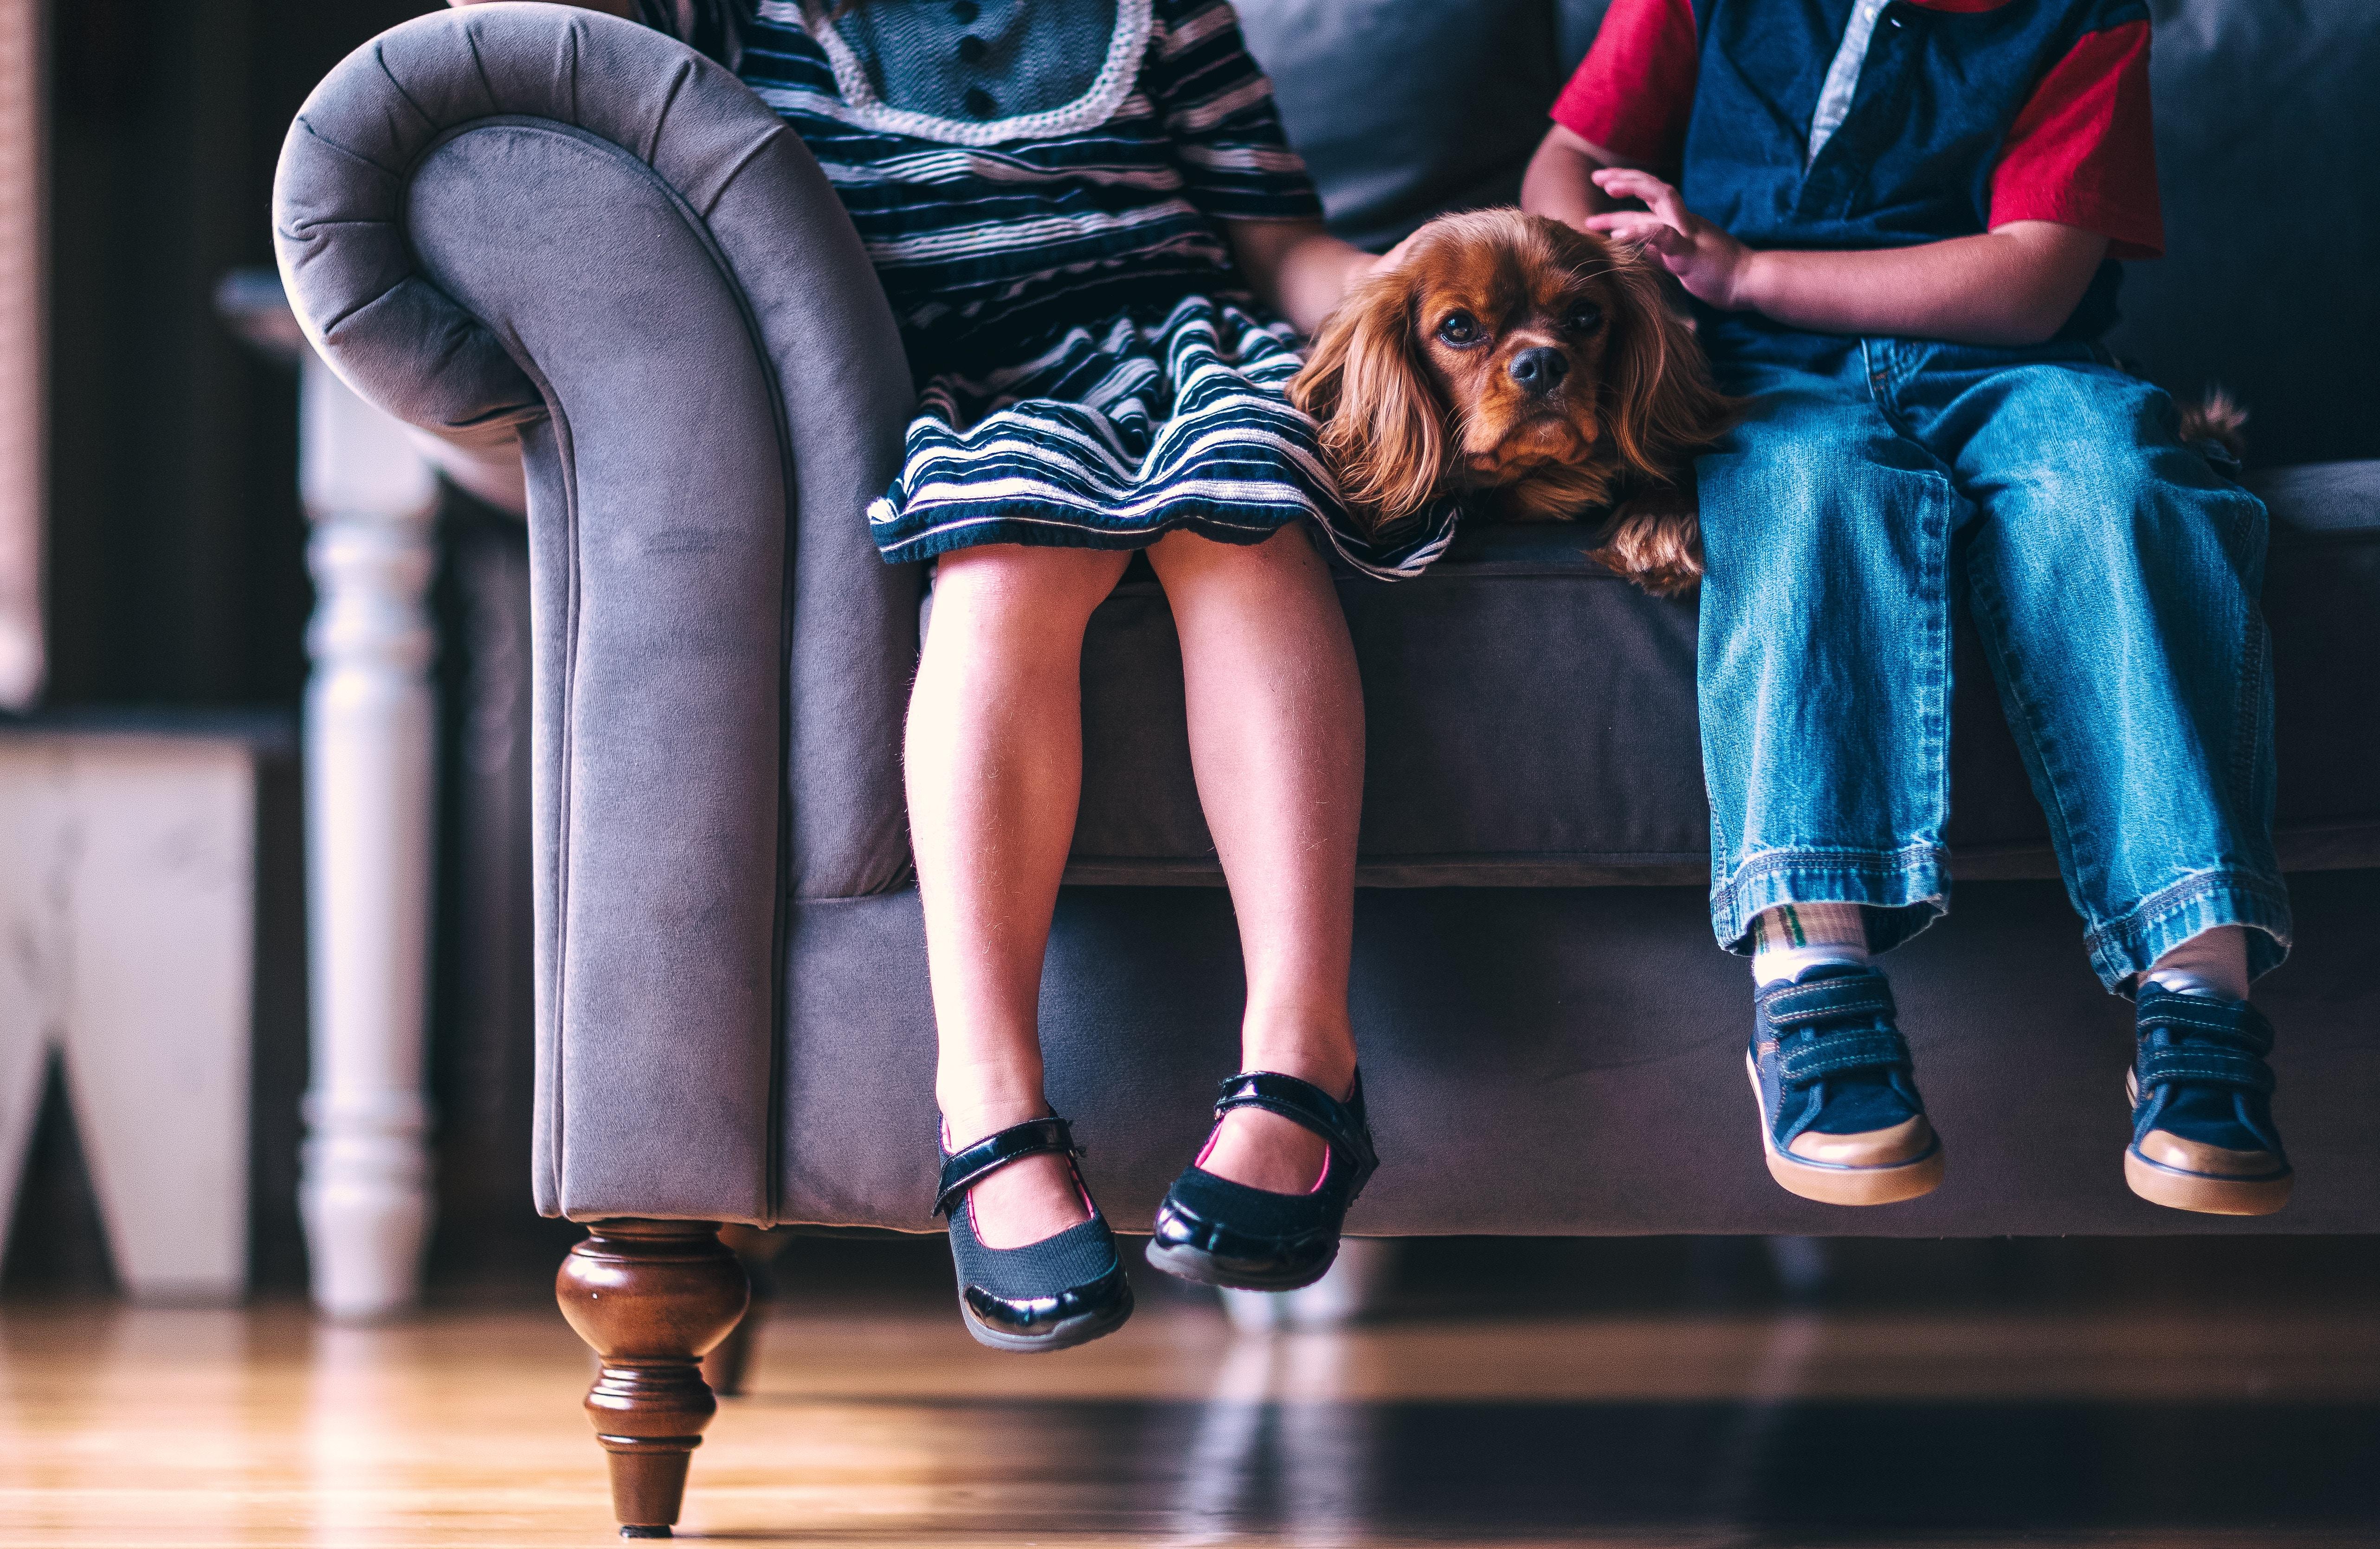 ソファに座る子供2人とキャバリア